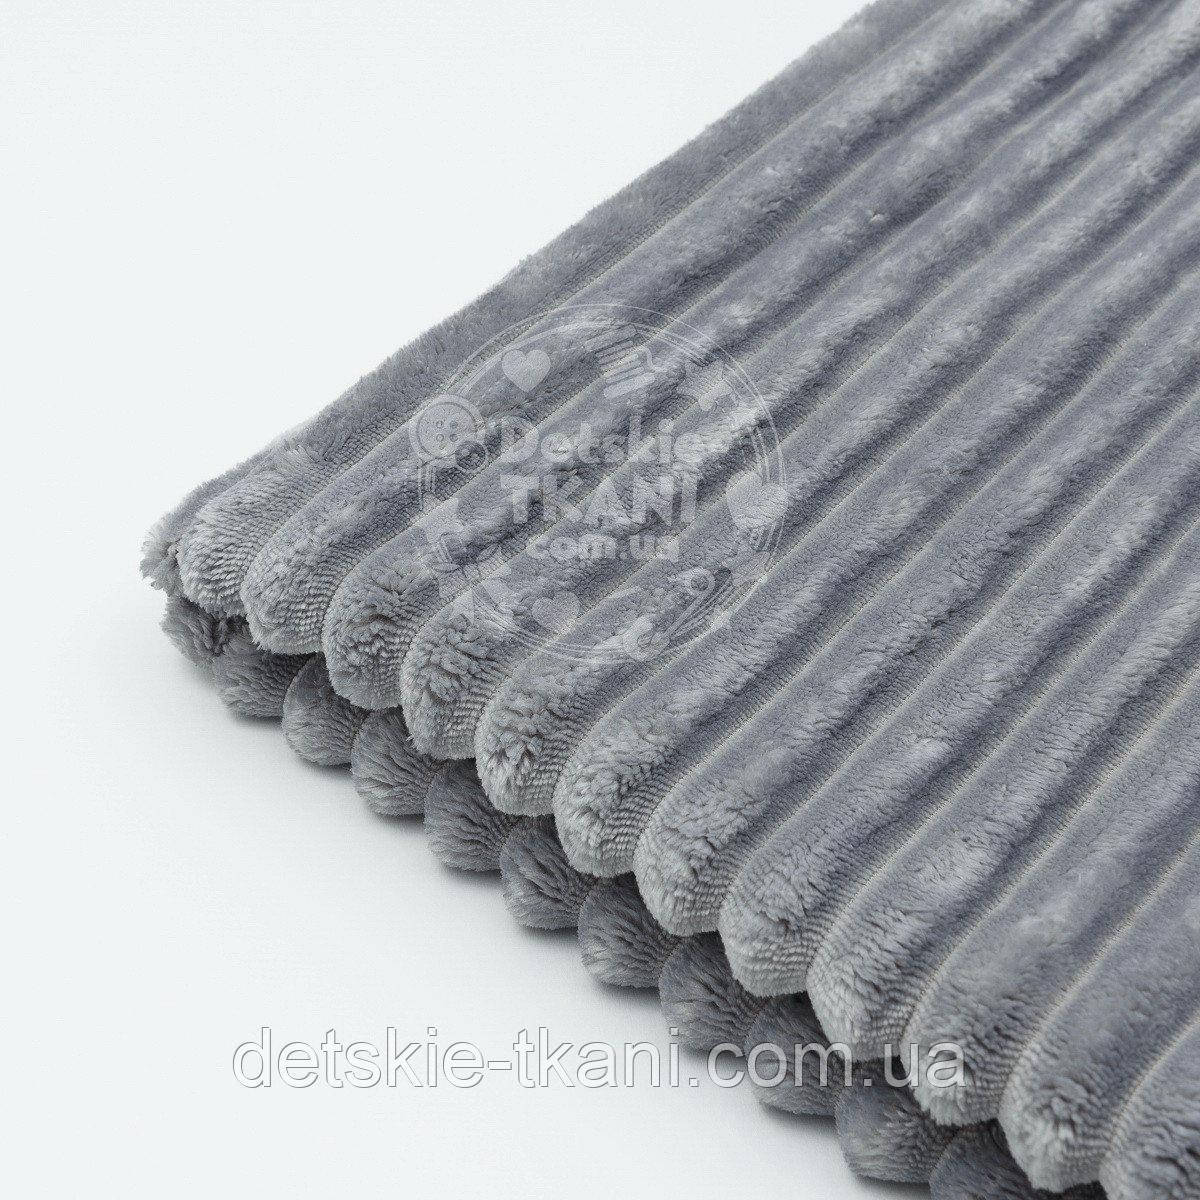 Лоскут плюша в полоску stripes средне-серого цвета, размер 80*55 см